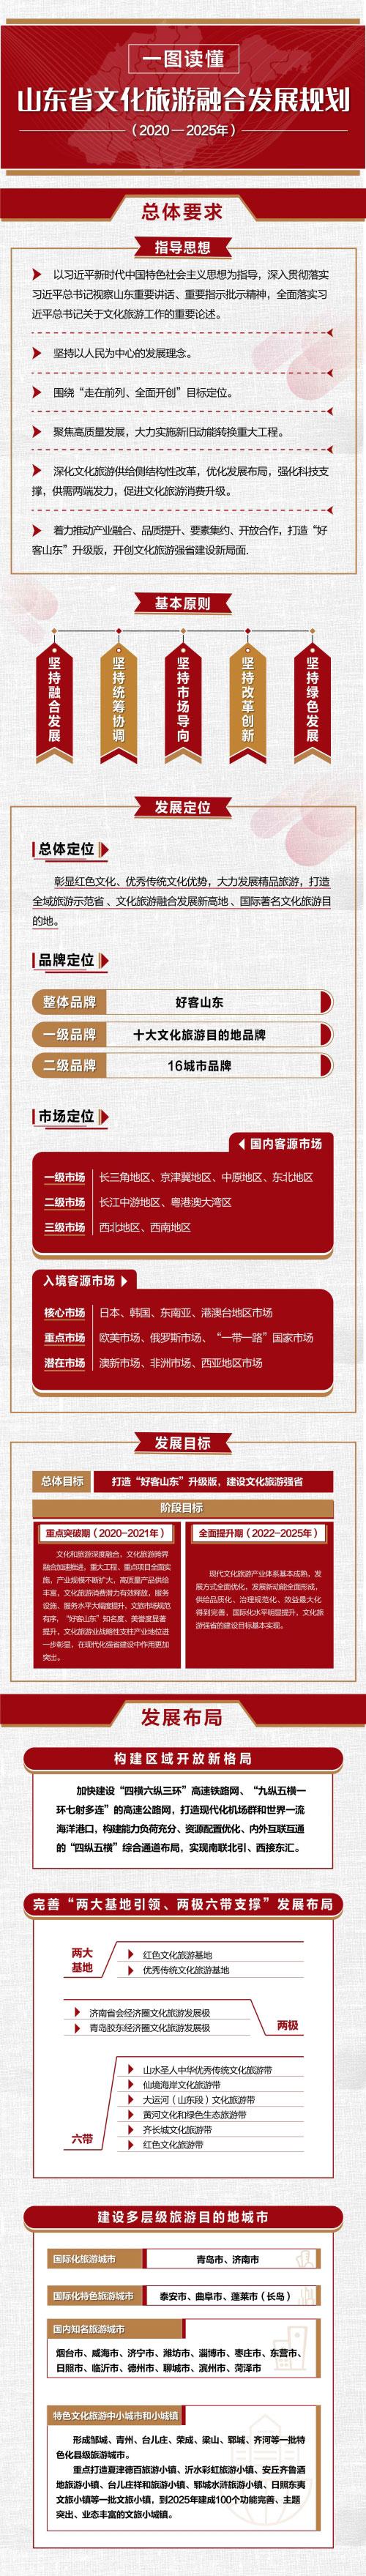 山东省文化旅游融合发展规划(2020-2025年)